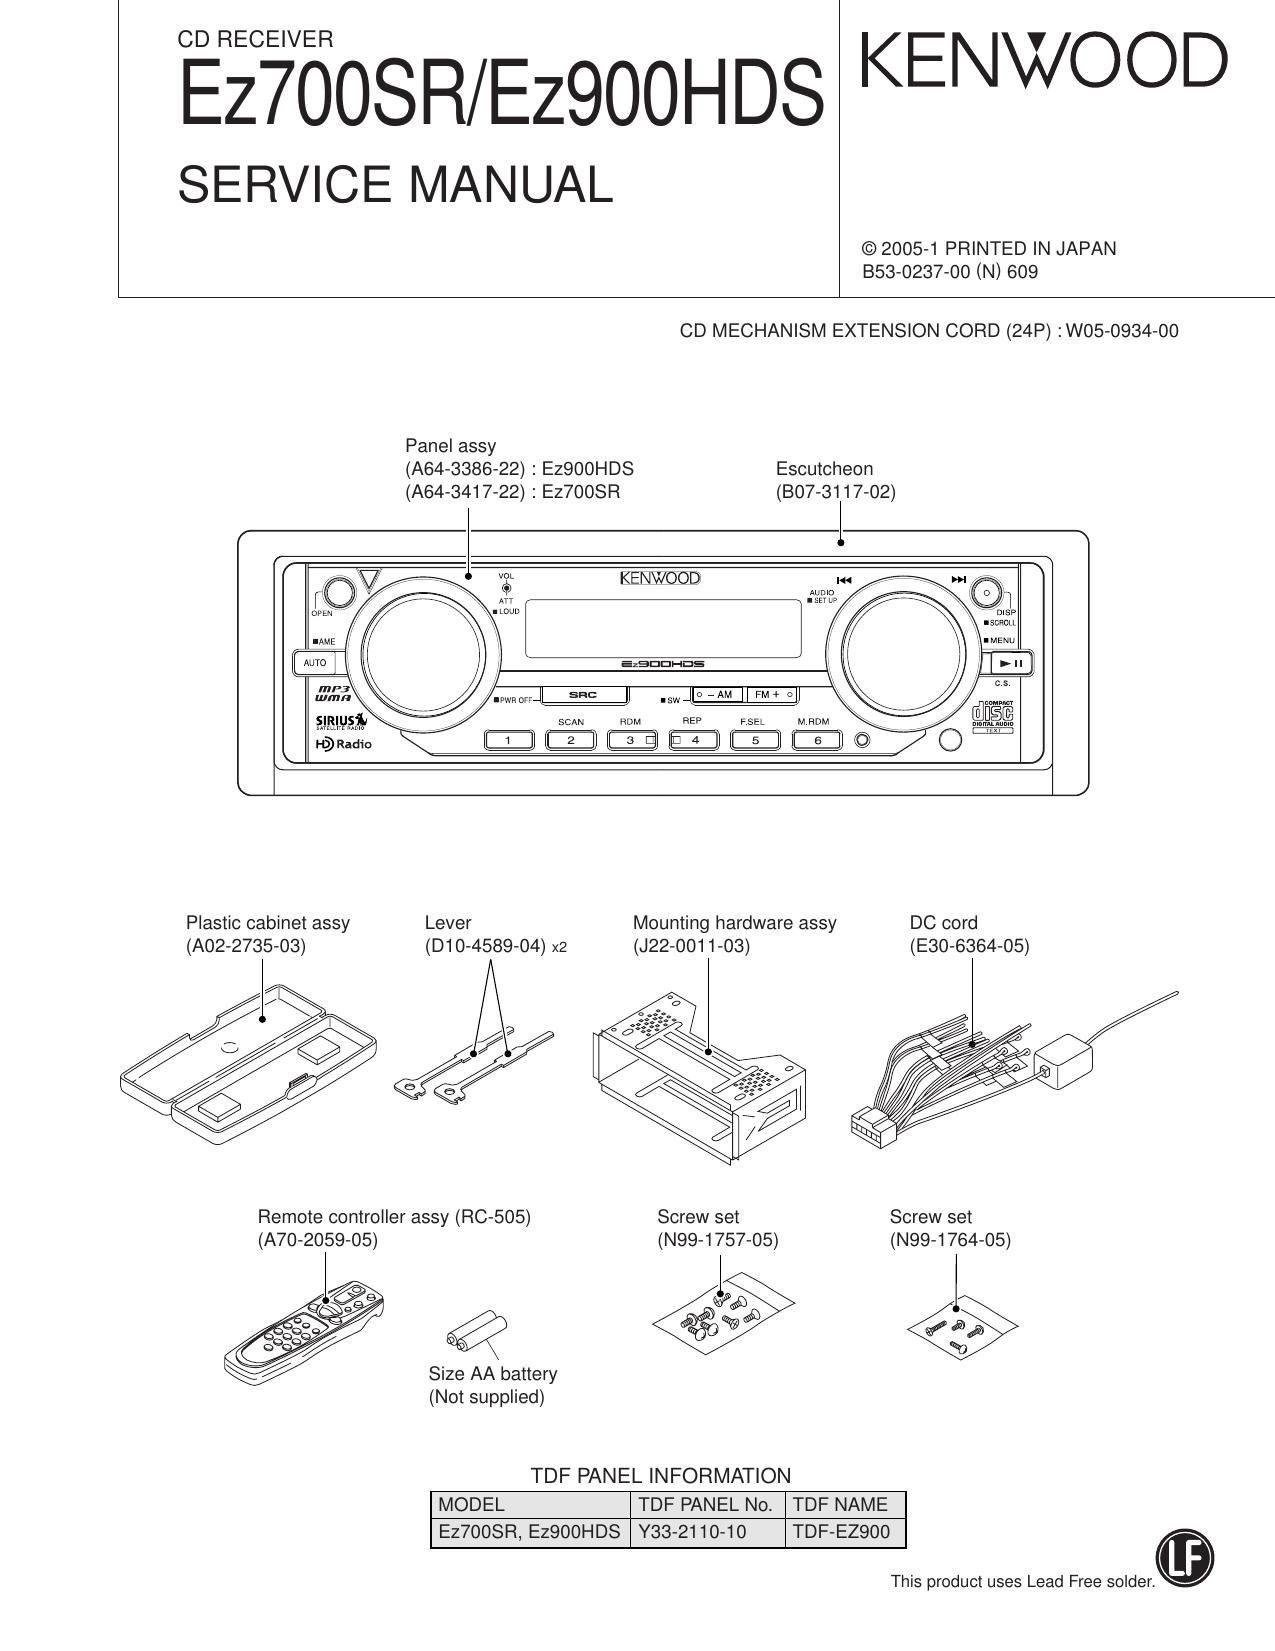 kenwood ez 700 sr service manual rh audioservicemanuals com